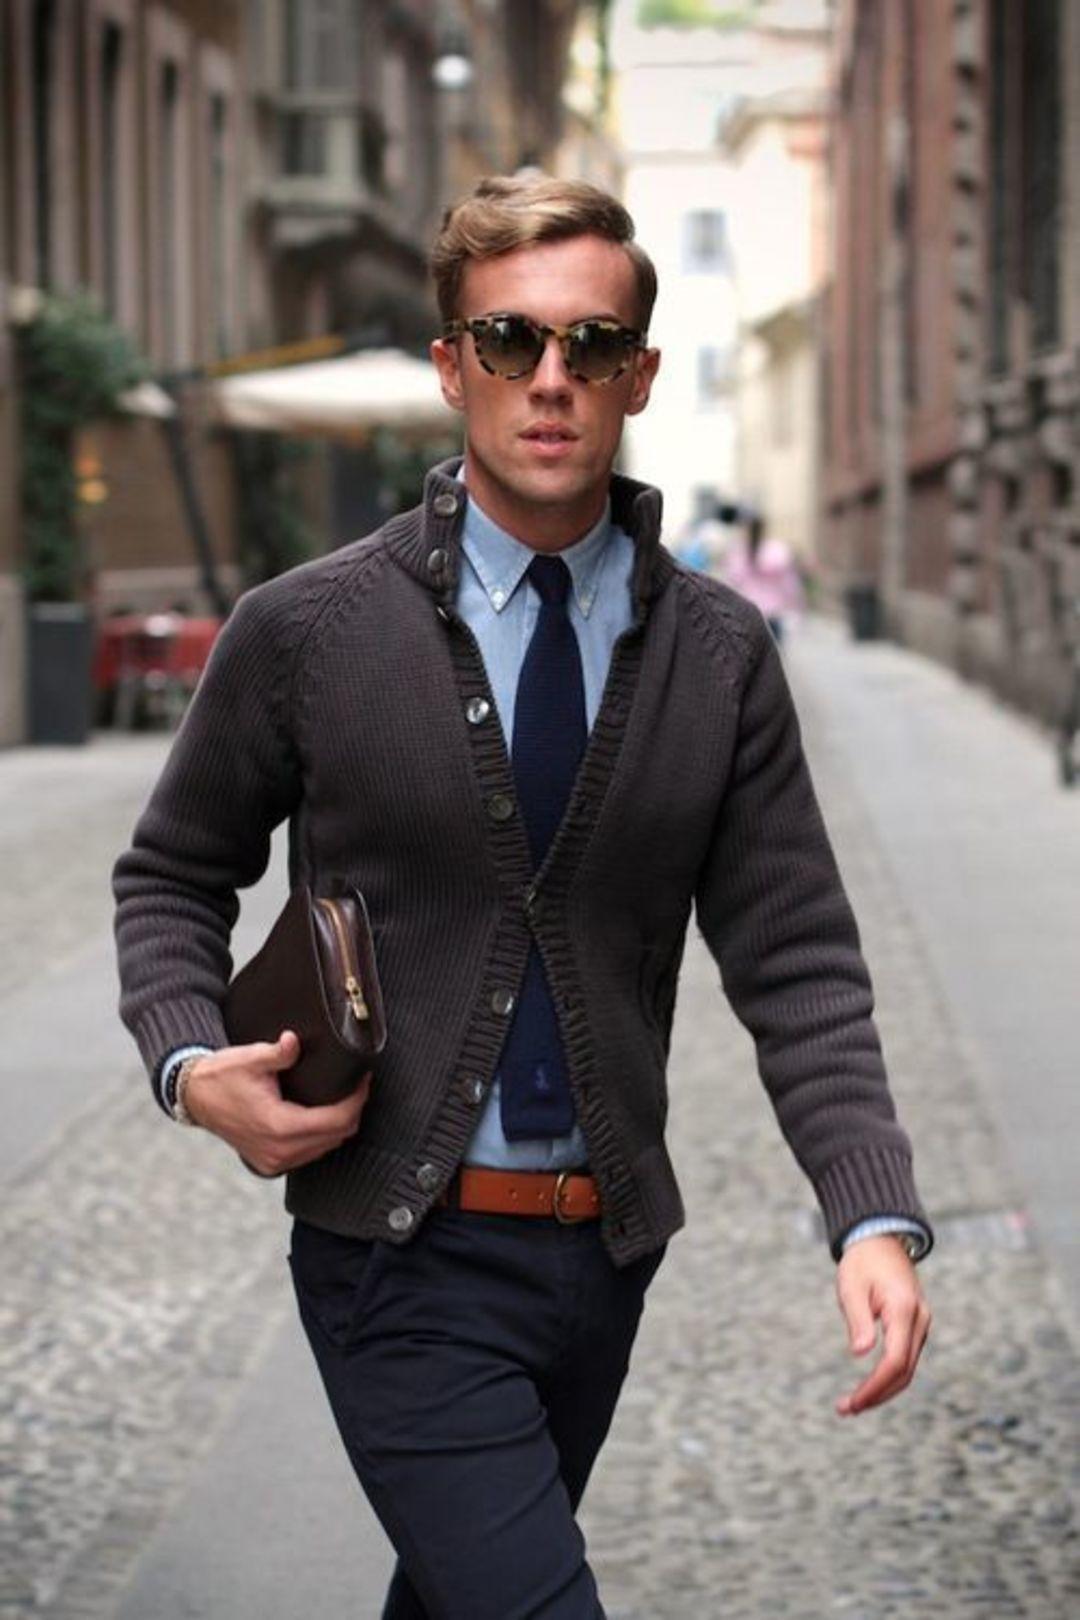 男生衣橱之不过时单品:人人都该有件蓝色牛津衬衫_时尚_好奇心日报